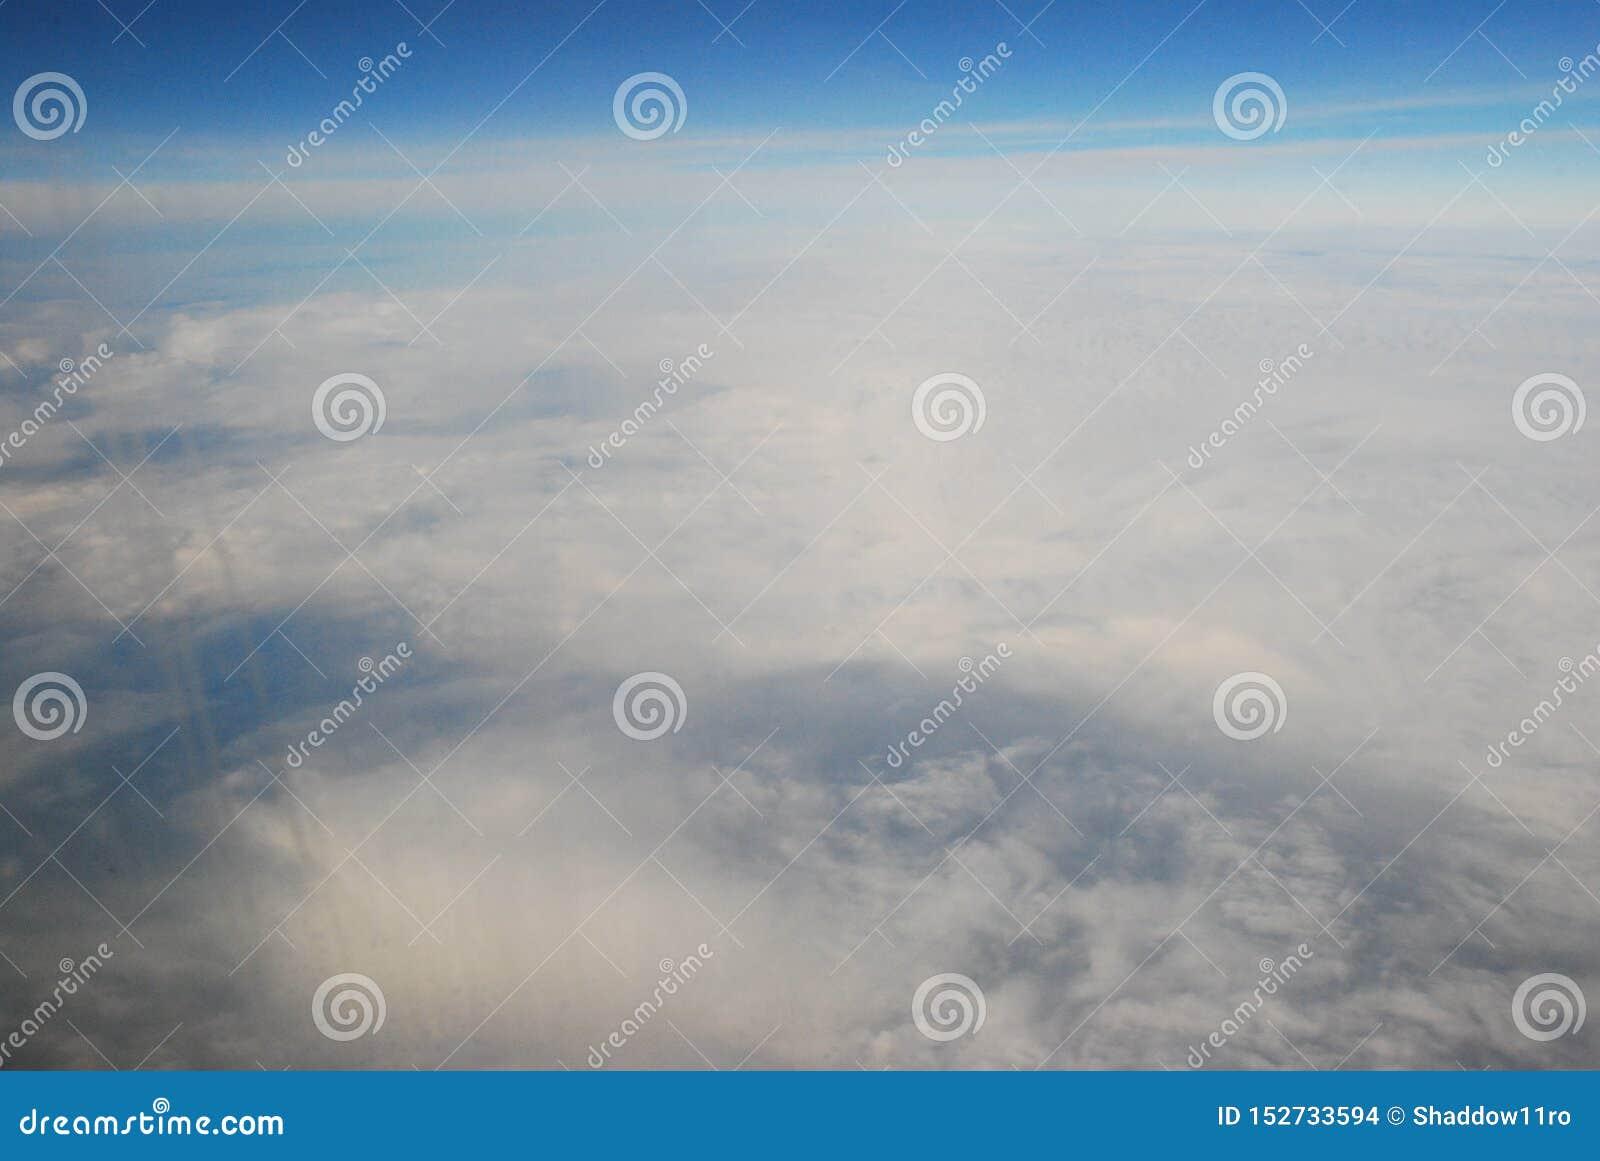 Über die Welt hoch fliegen